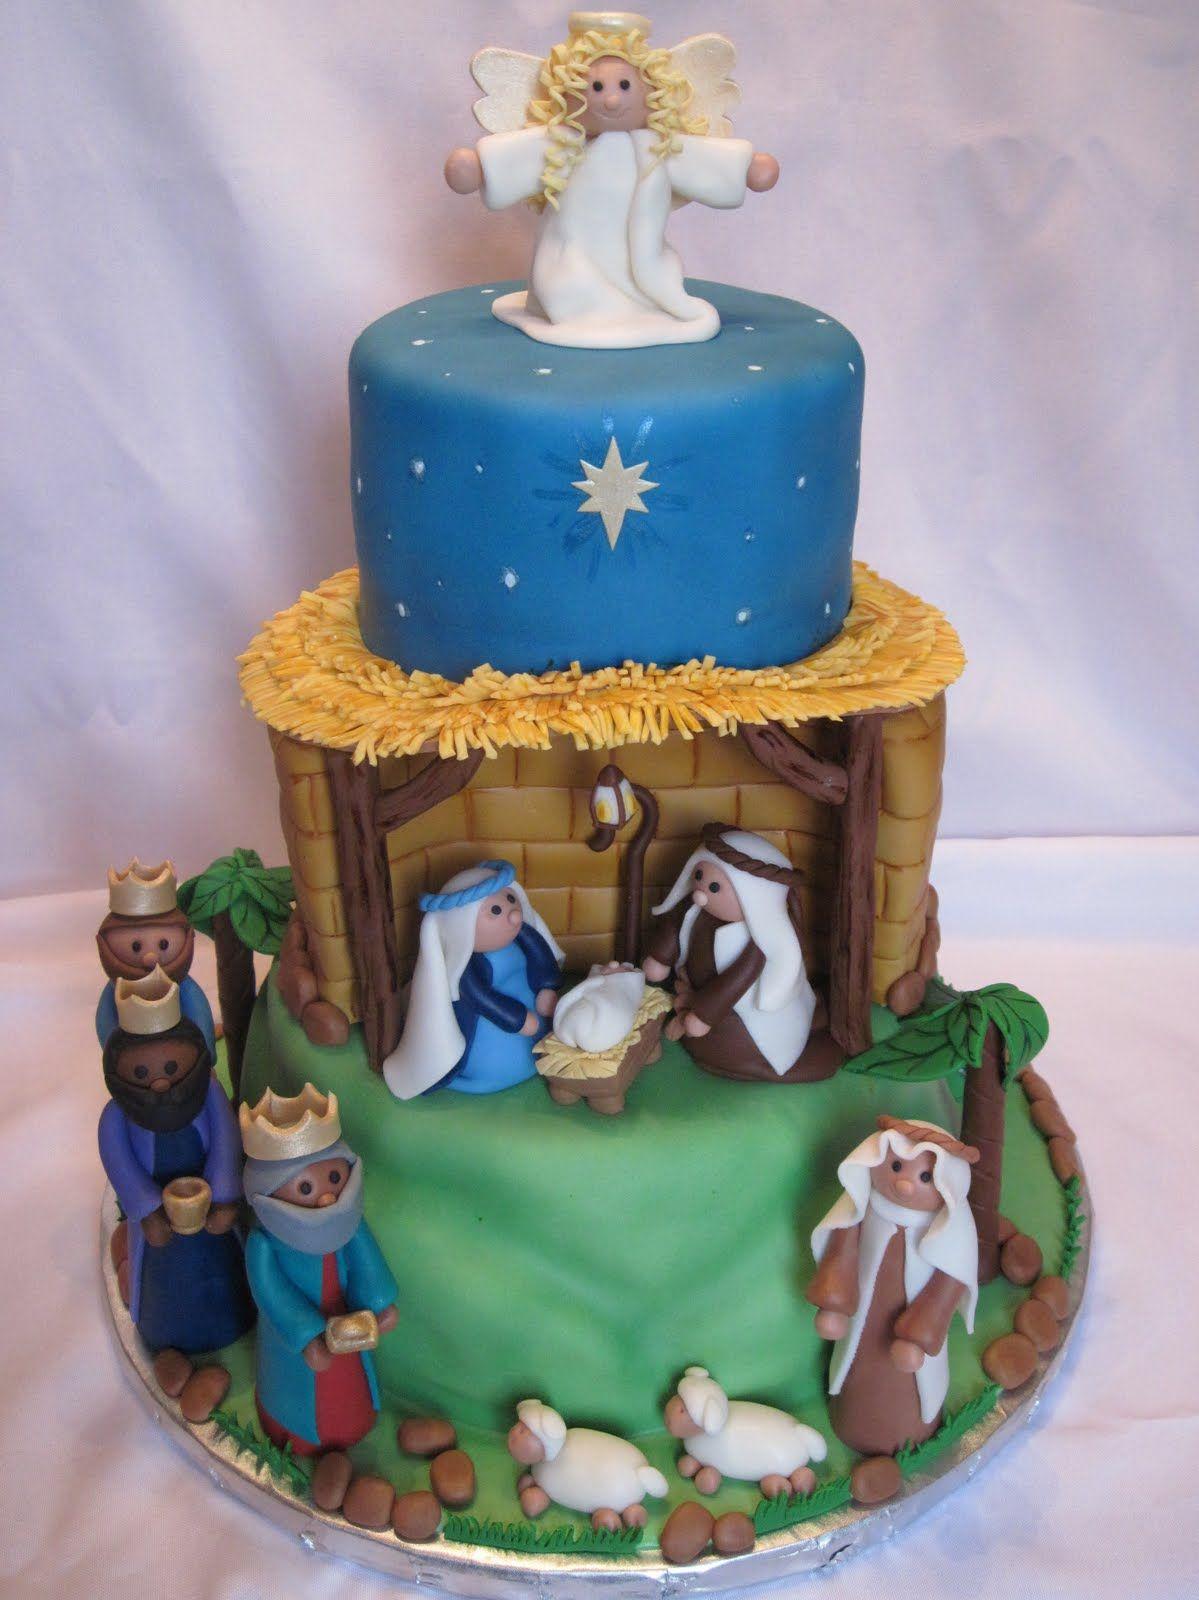 Heather's Cakes and Confections Happy birthday jesus